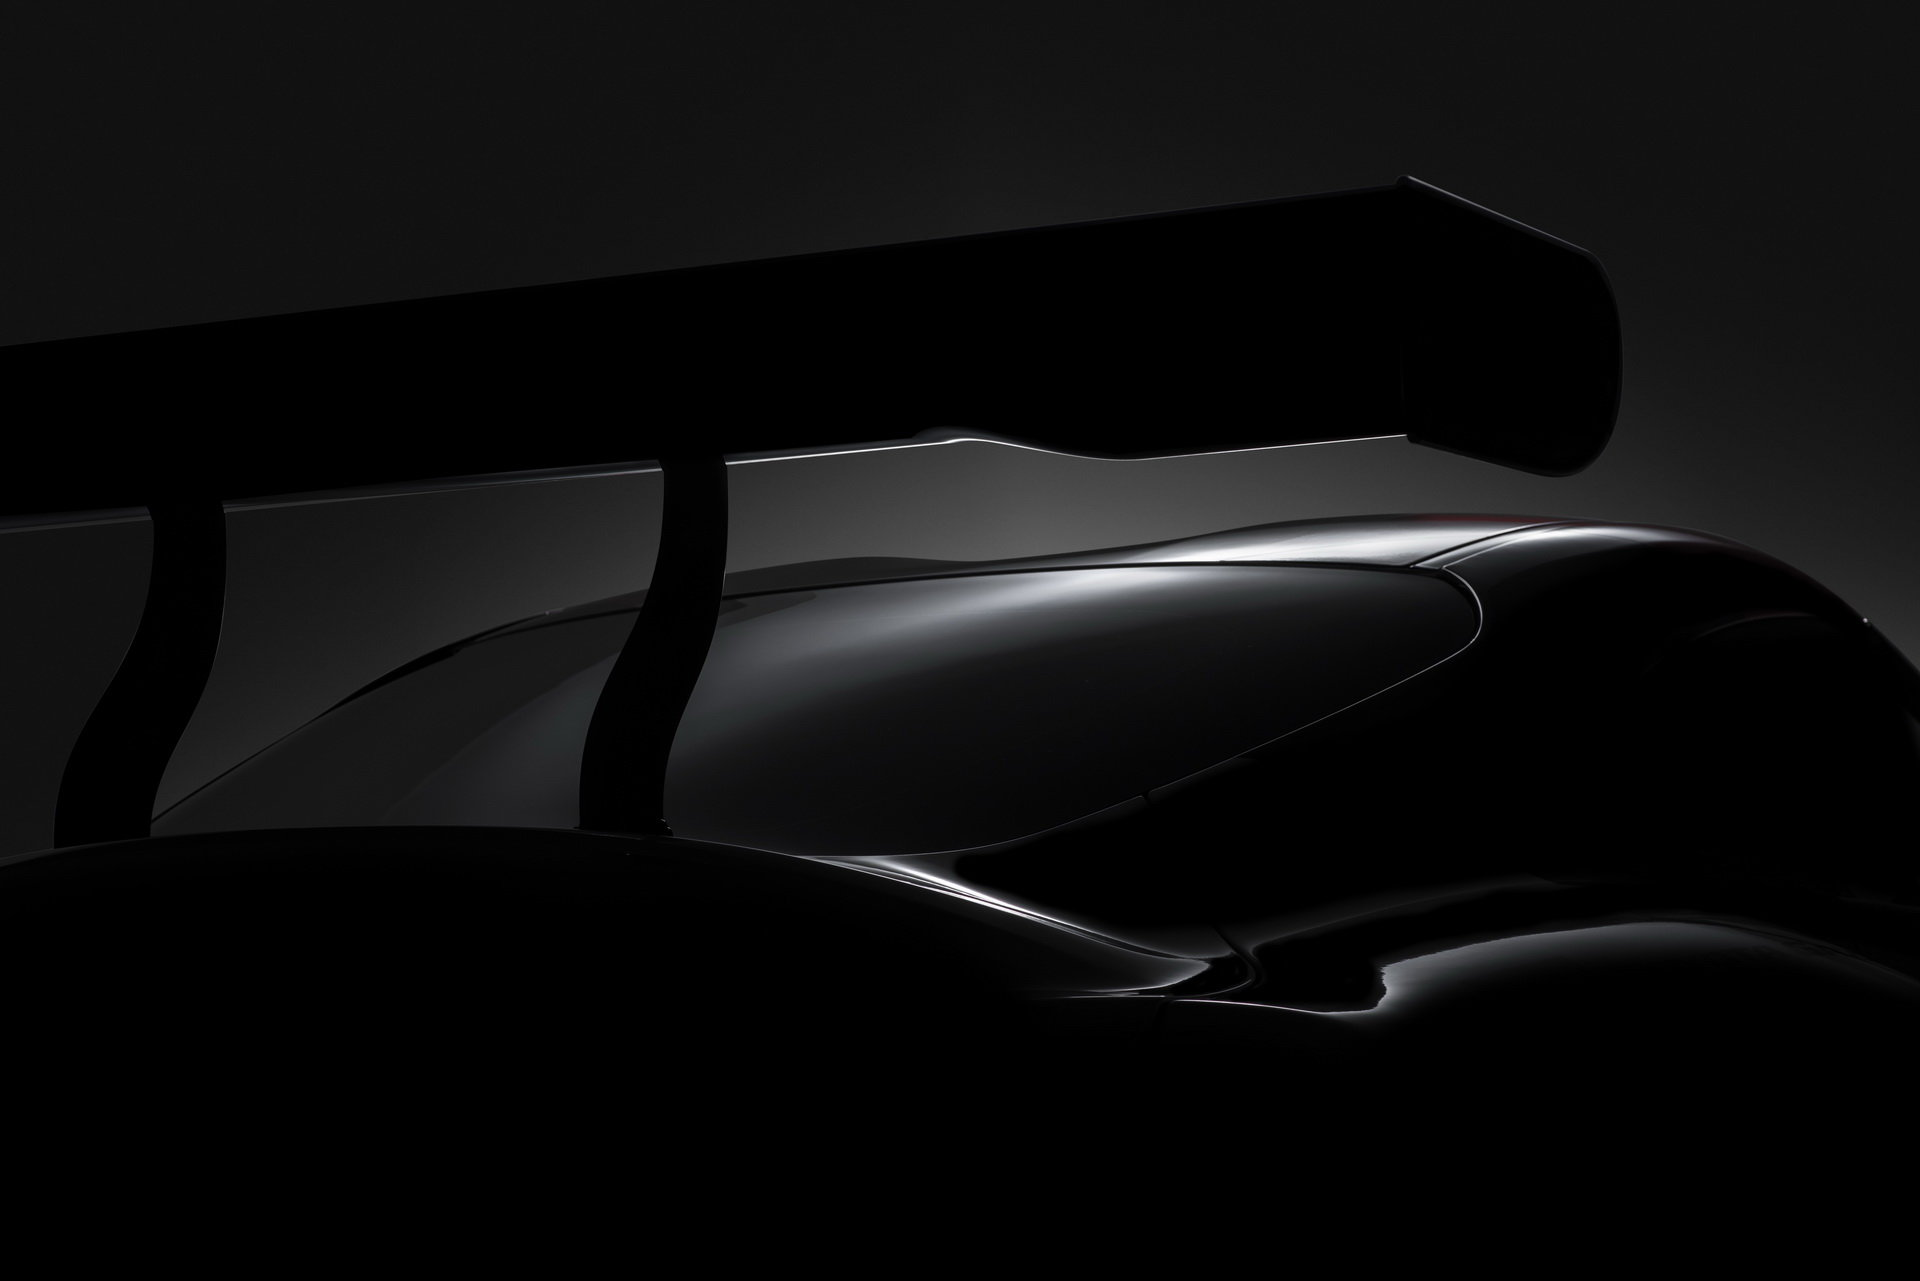 První oficiální snímek nové Toyoty Supra